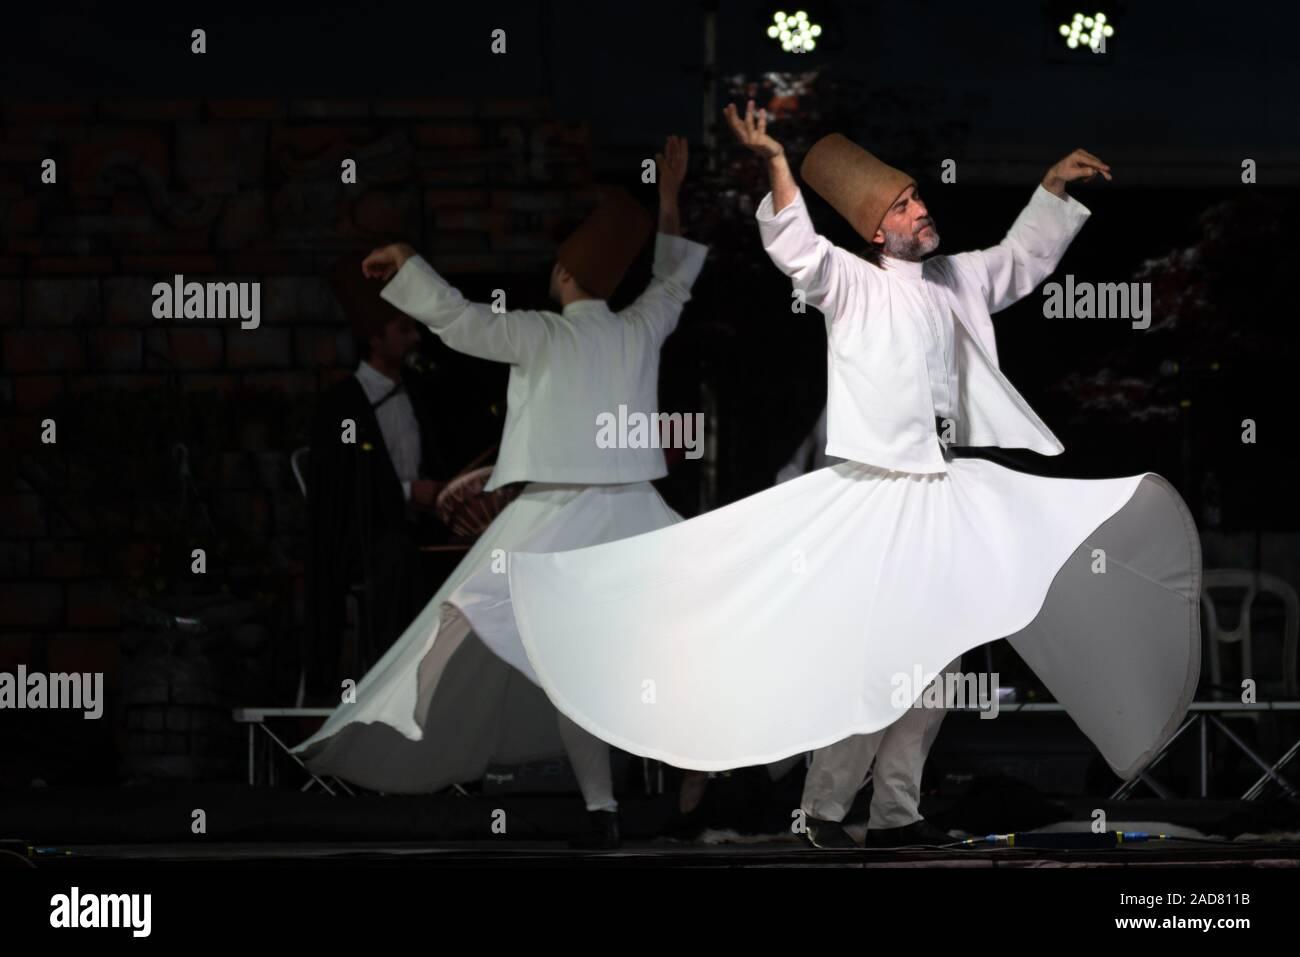 Le bain turc ou danseurs tourbillonnant tournoiement Soufi dancers performing des derviches tourneurs (Mevlevi) sema au festival LO SPIRITO DEL PIANETA Banque D'Images